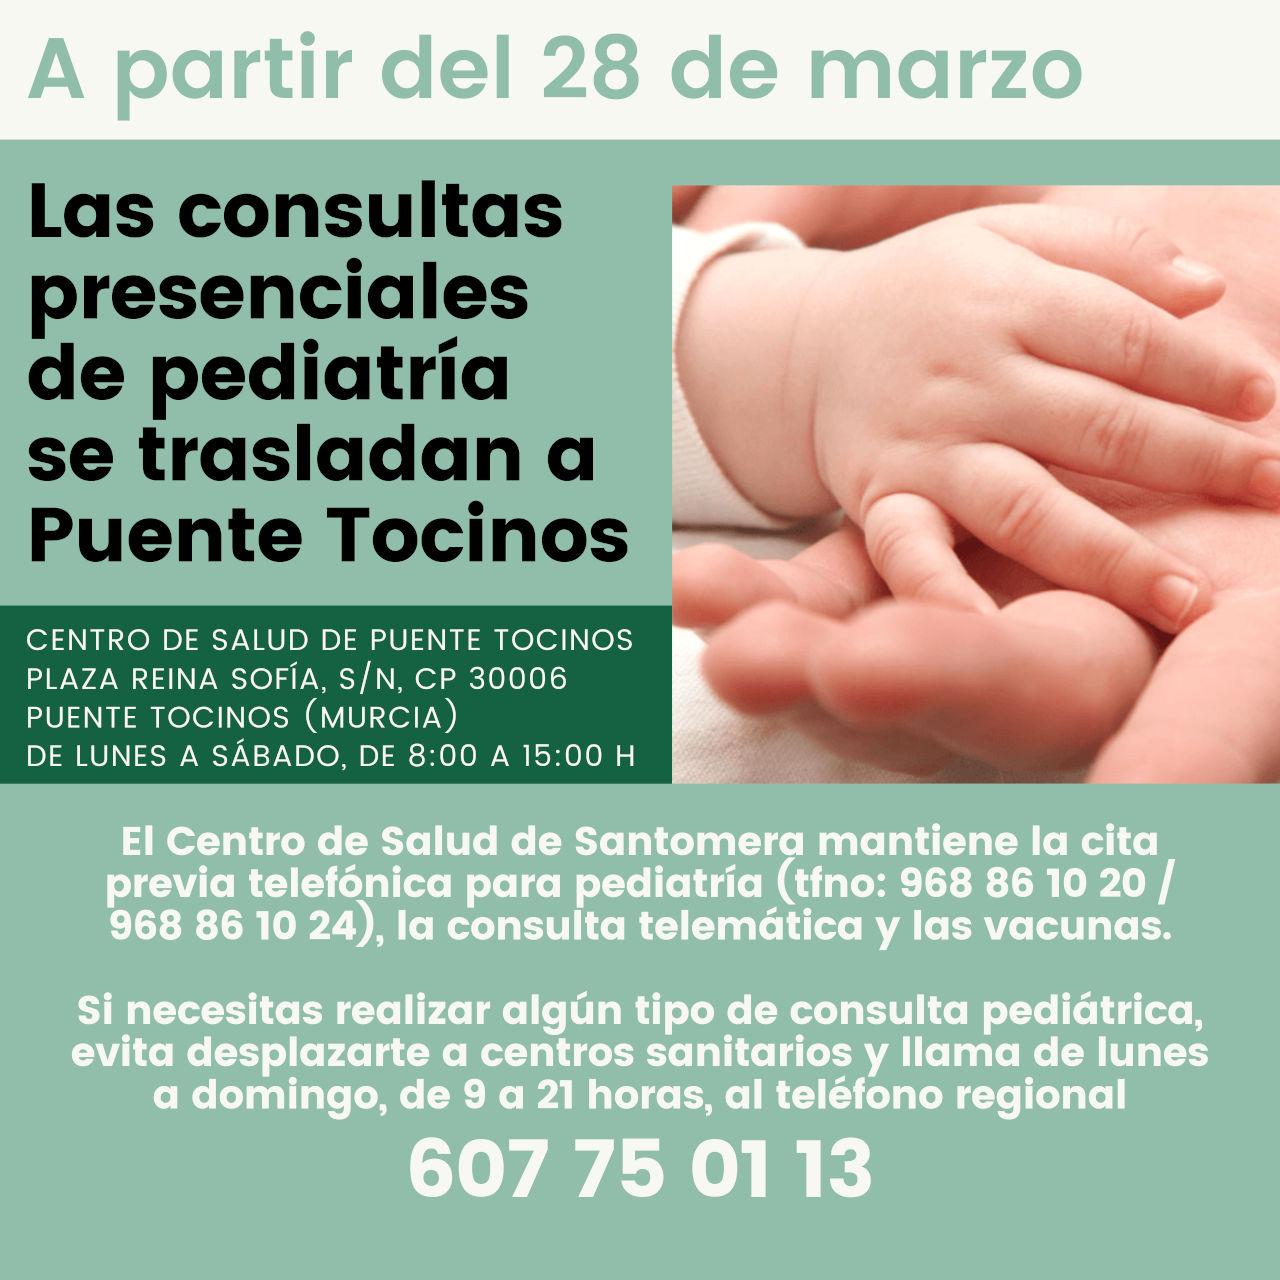 20200327_Reorganizacion pediatria